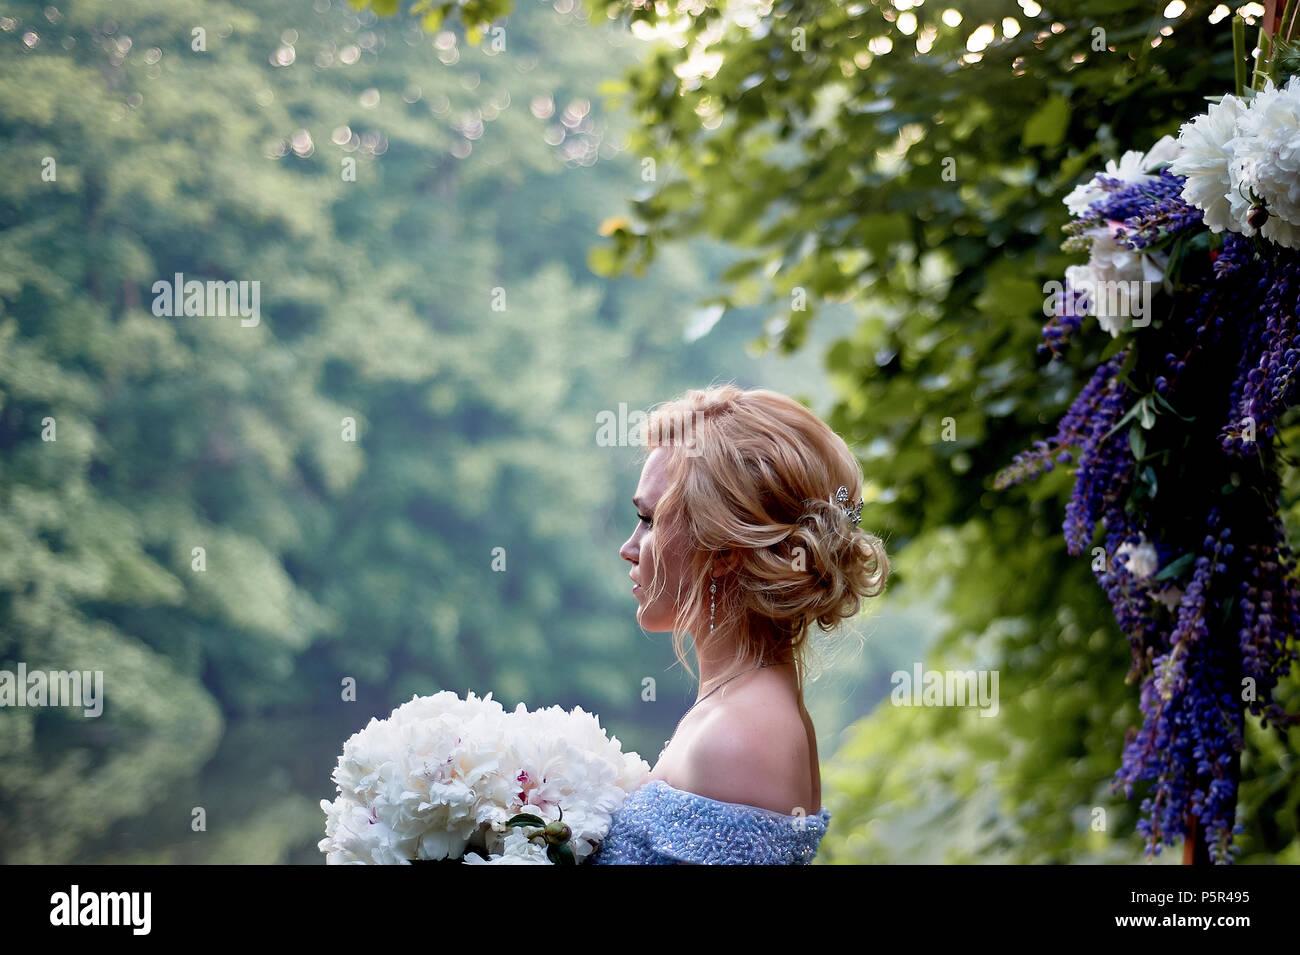 Die Braut steht bei den Bogen, mit Blumen geschmückt, mit einem großen Blumenstrauß aus den weißen Pfingstrosen. Registrierung vor Ort im Park Hochzeit gehen und Foto sh Stockfoto